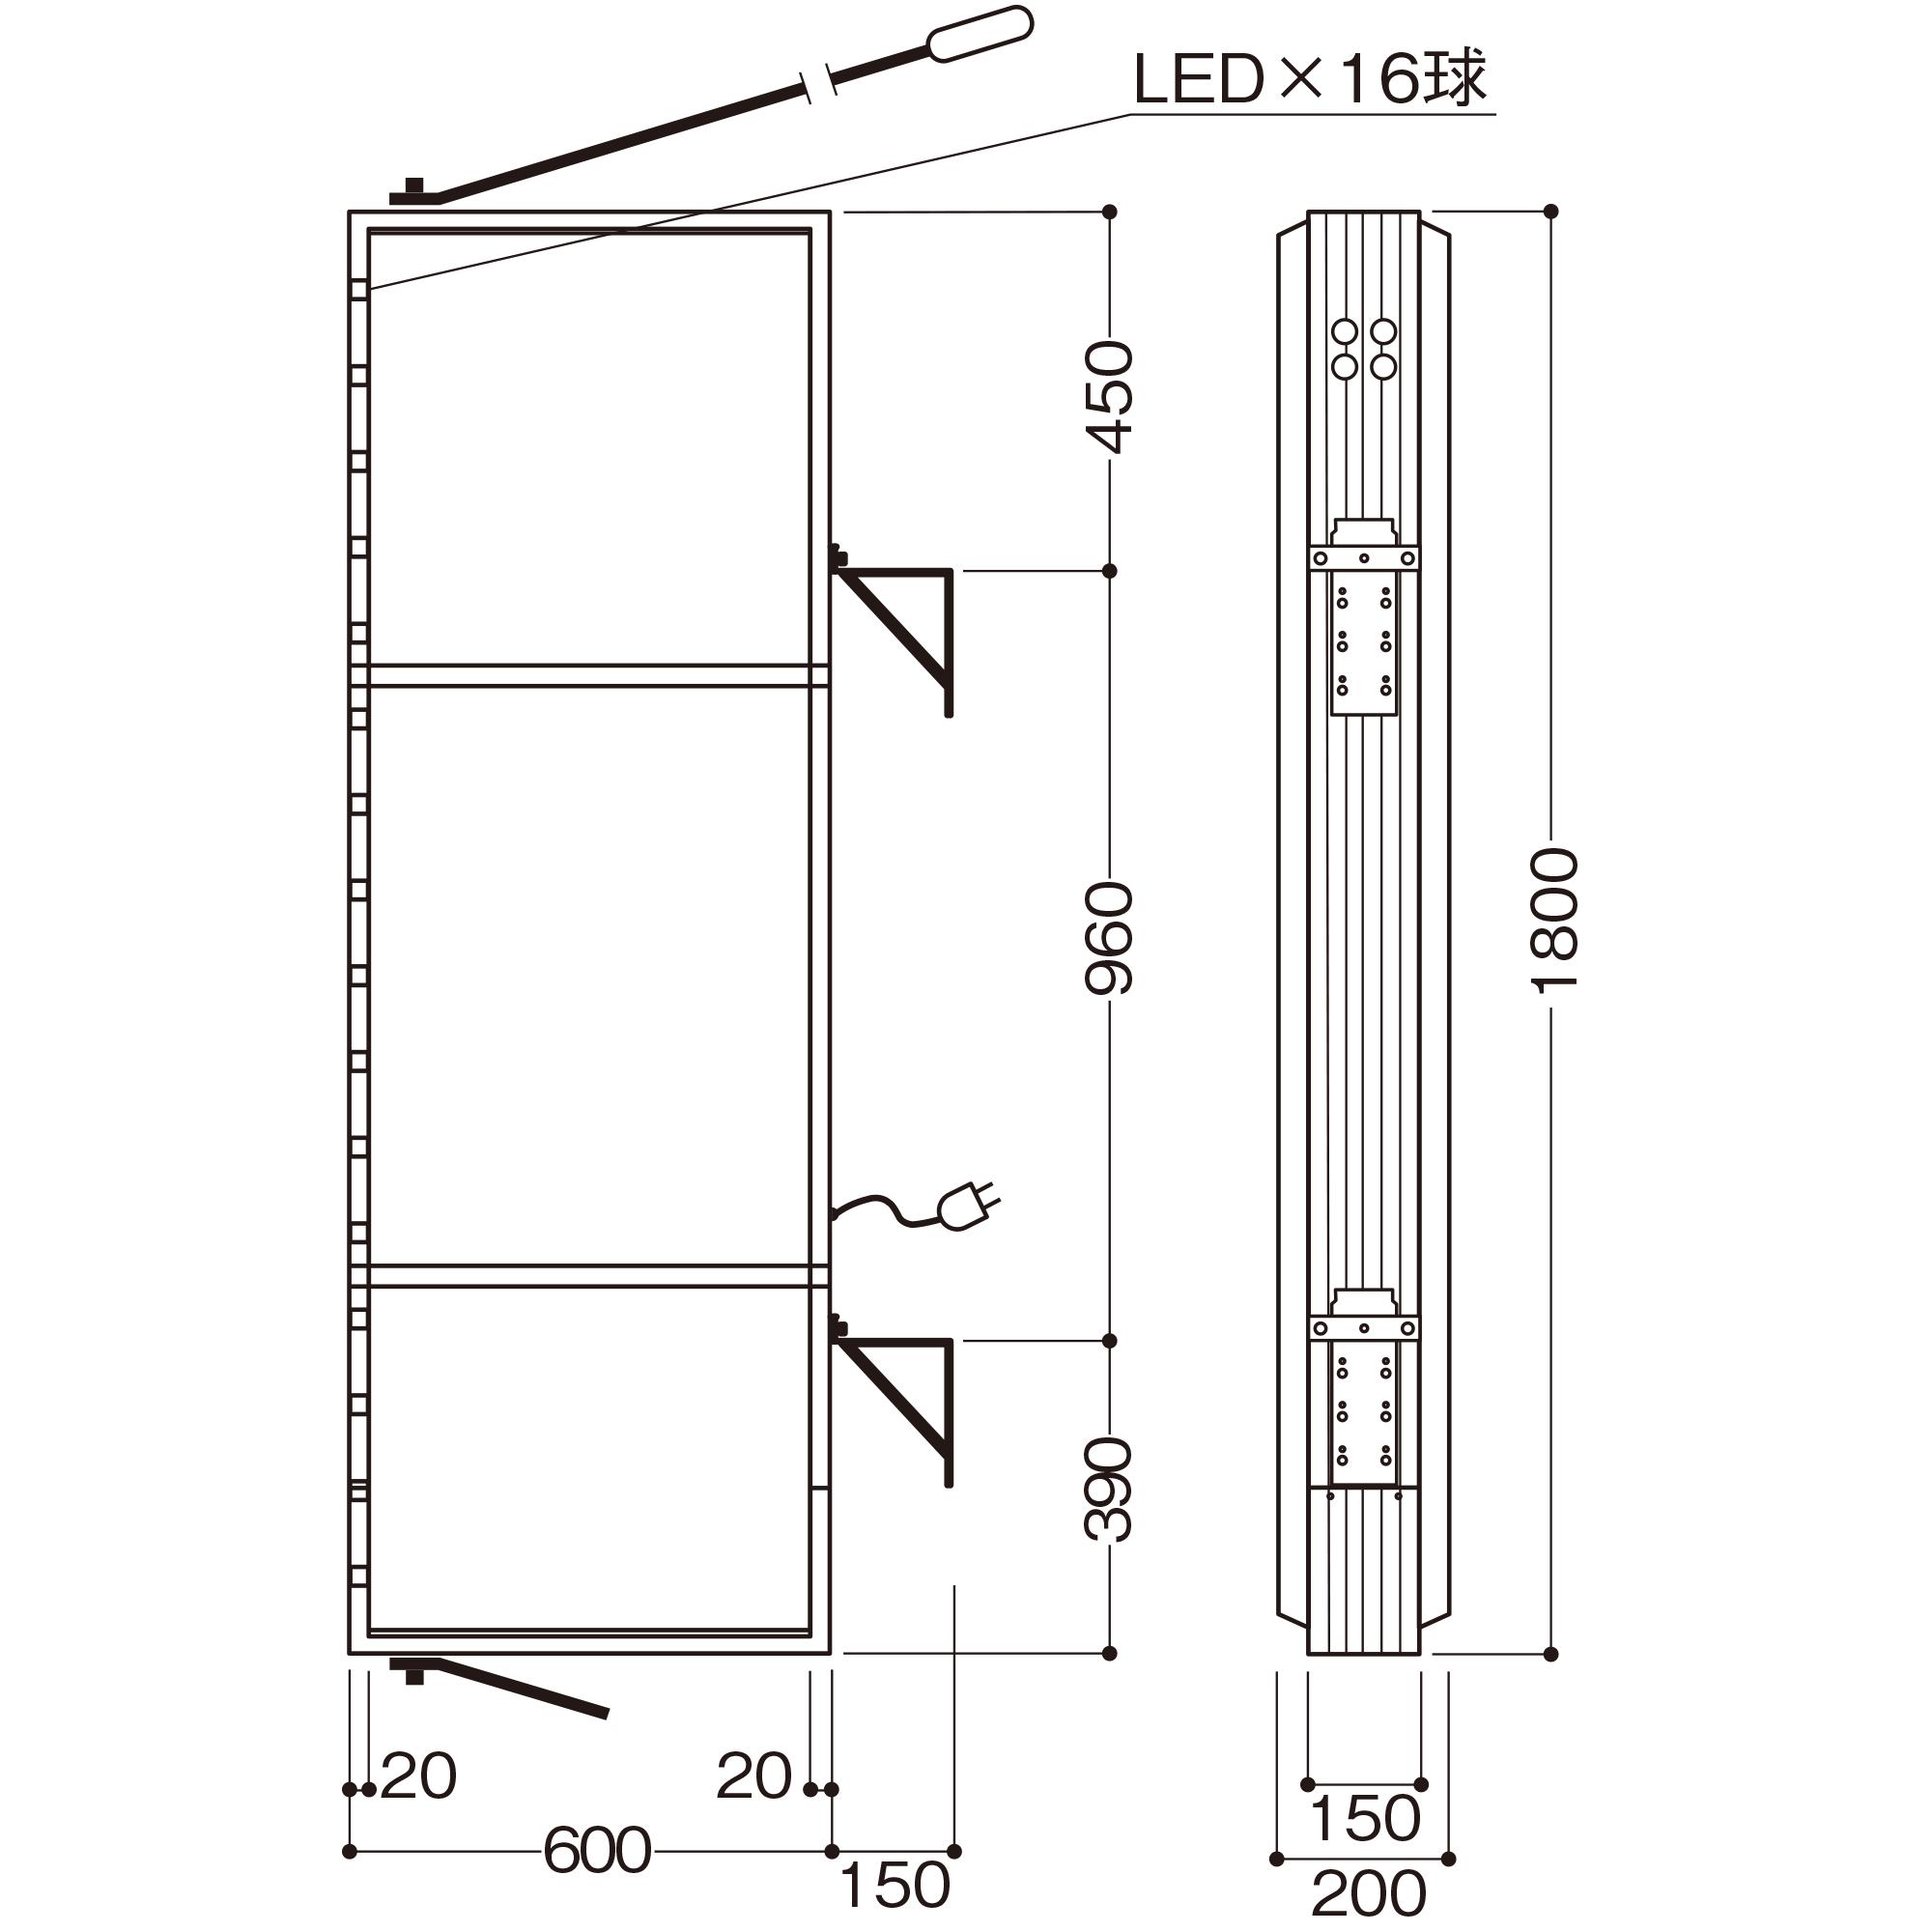 【LED照明】アルミサイン6尺「角」突出し看板AD-6215E-LED シルバー